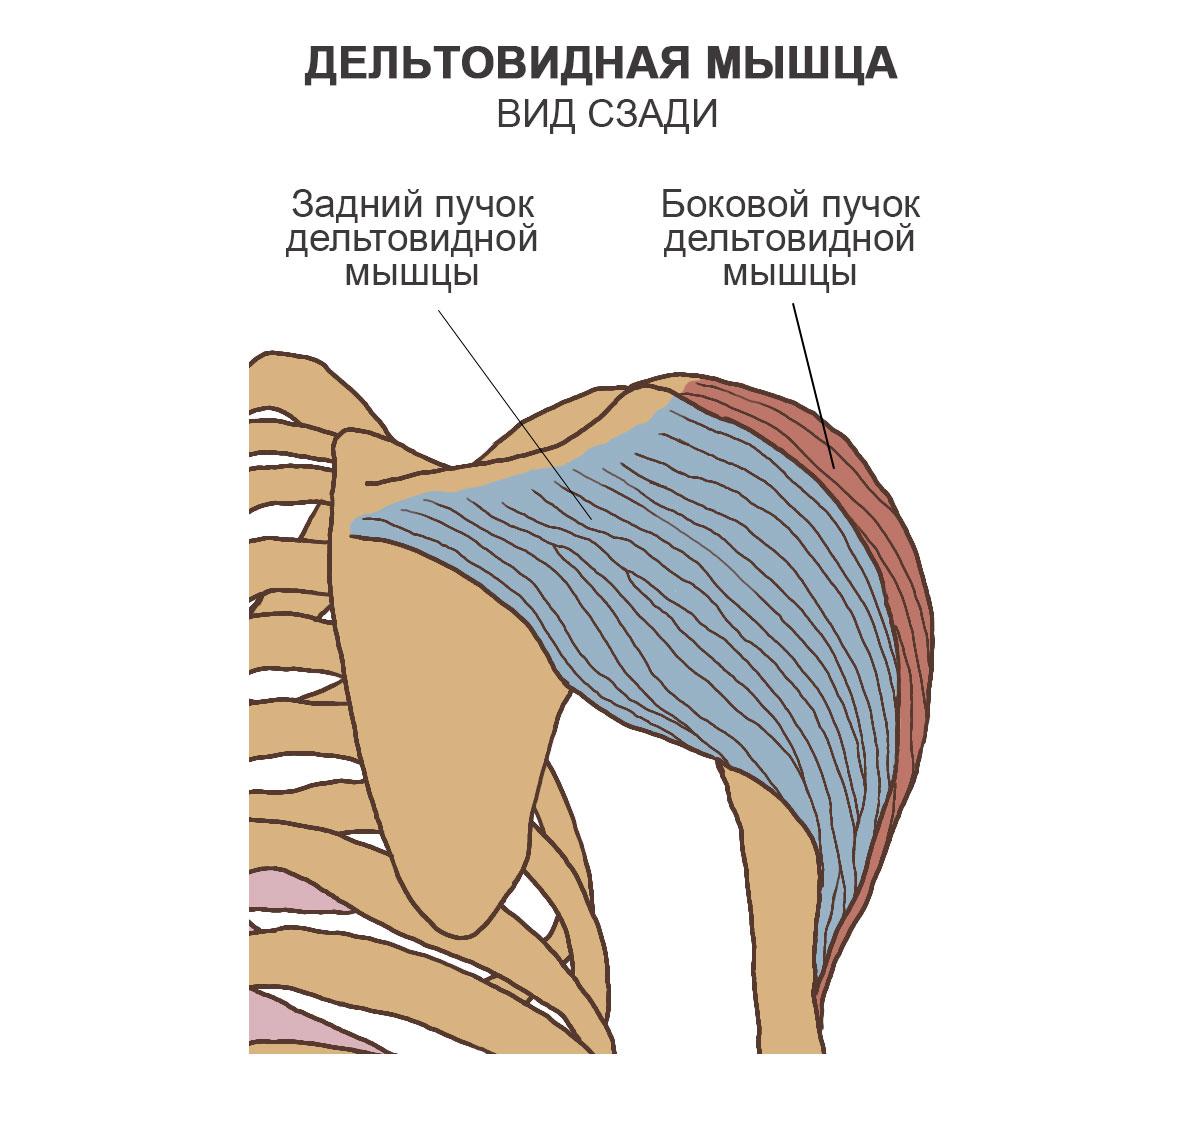 Дельтовидная мышца, вид сзади